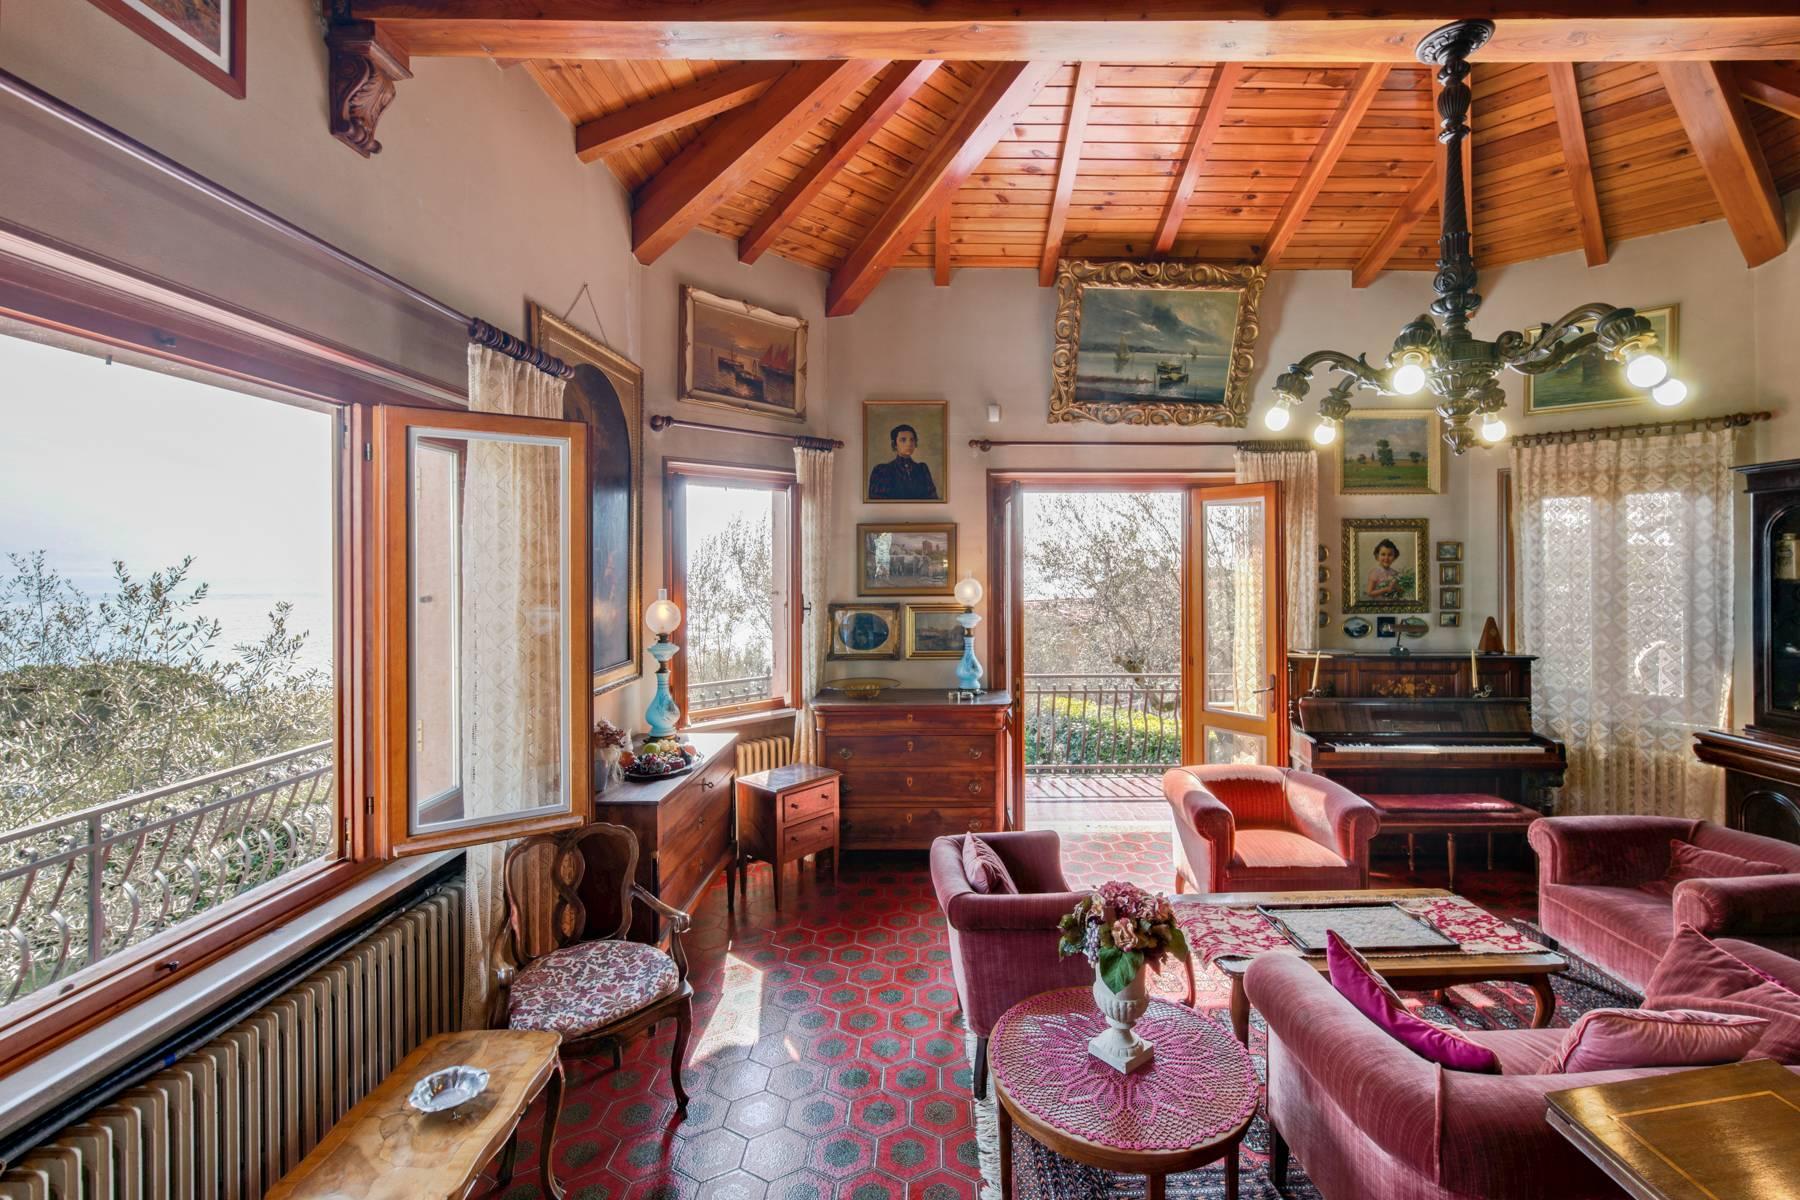 Villa in Gargnano inmitten der Olivenbäume vom Gardasee mit herrlichem Seeblick - 14